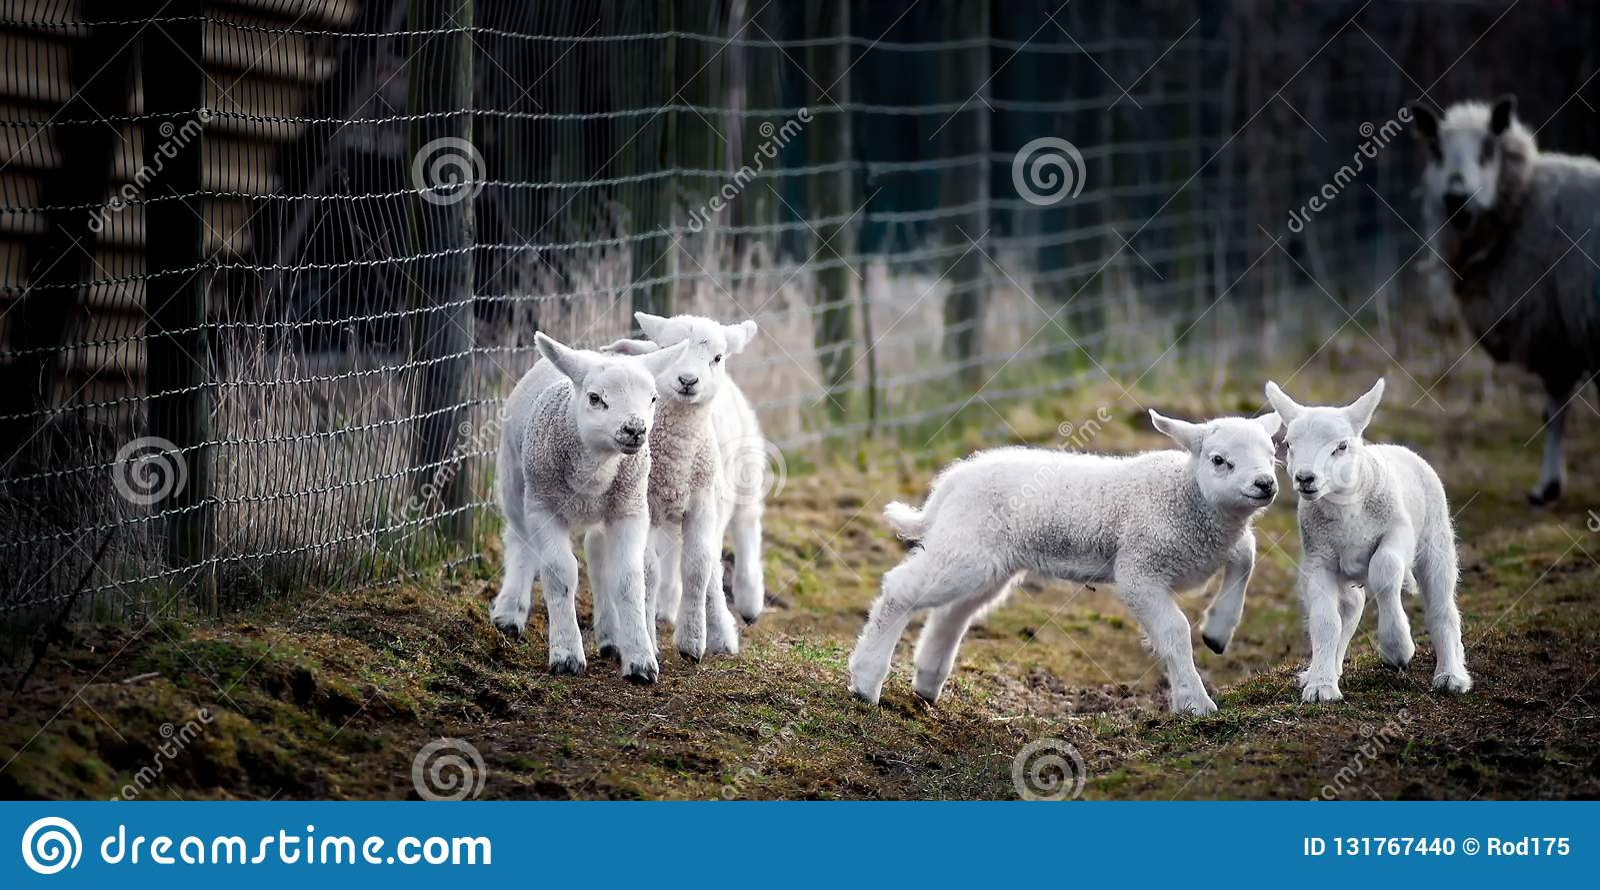 Gefotografeerd op de Vrijdag 29 Maart 2013 Sommige jonge lammeren die van het leven genieten en uit op het gebied spelen, terwijl